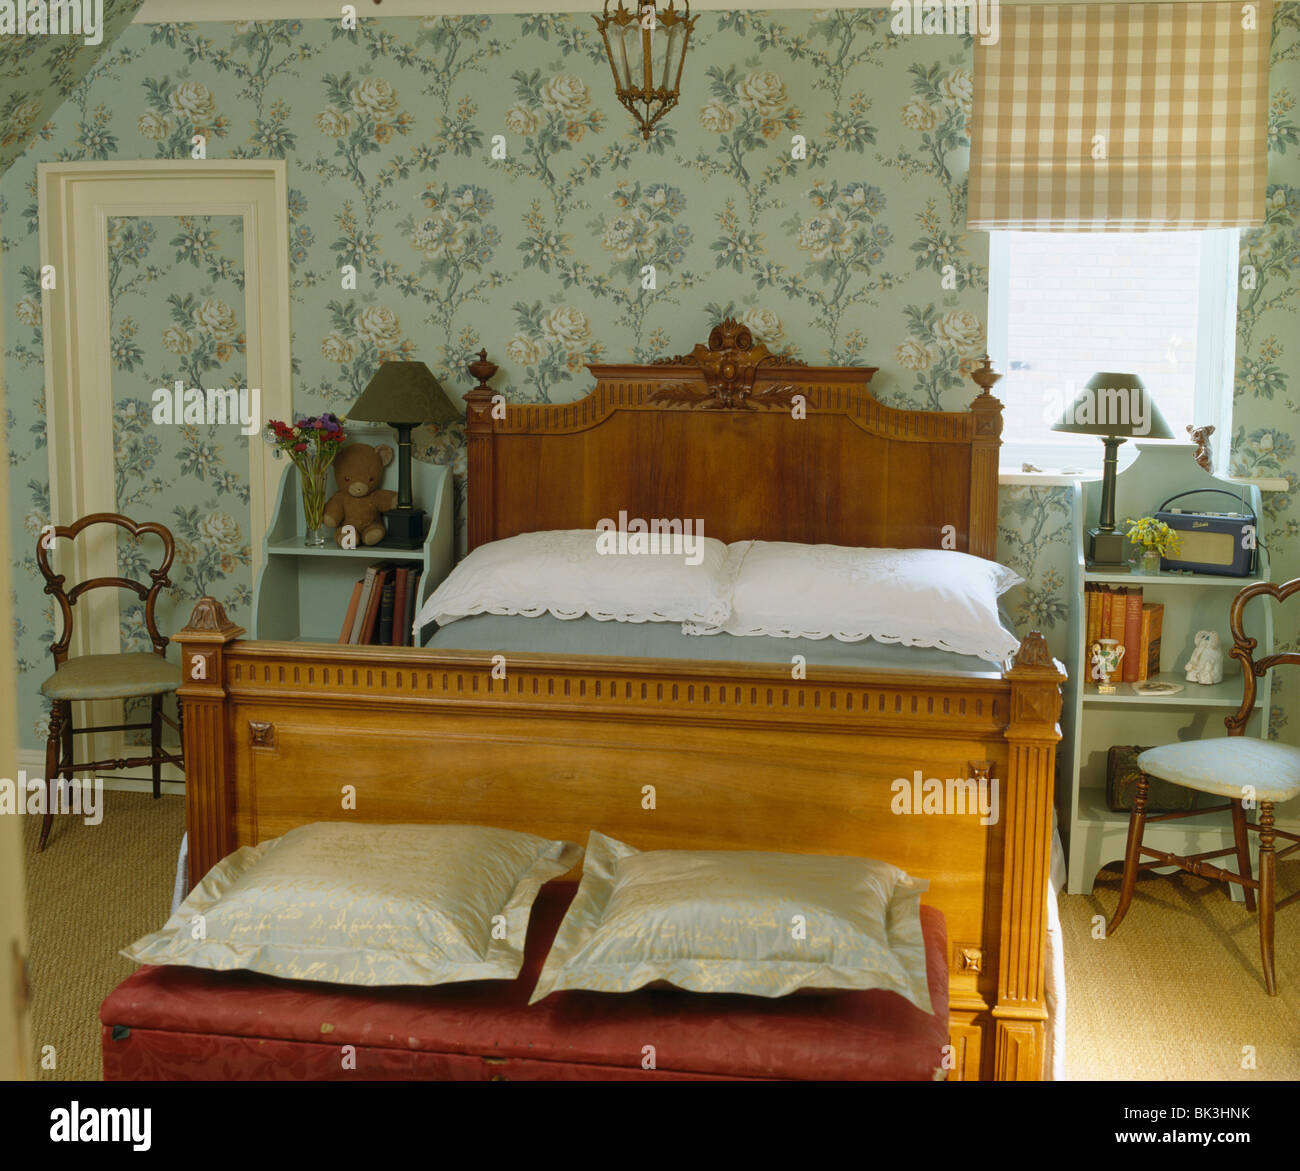 Geschnitzte antikes Holzbett im Land Schlafzimmer mit blauen ...